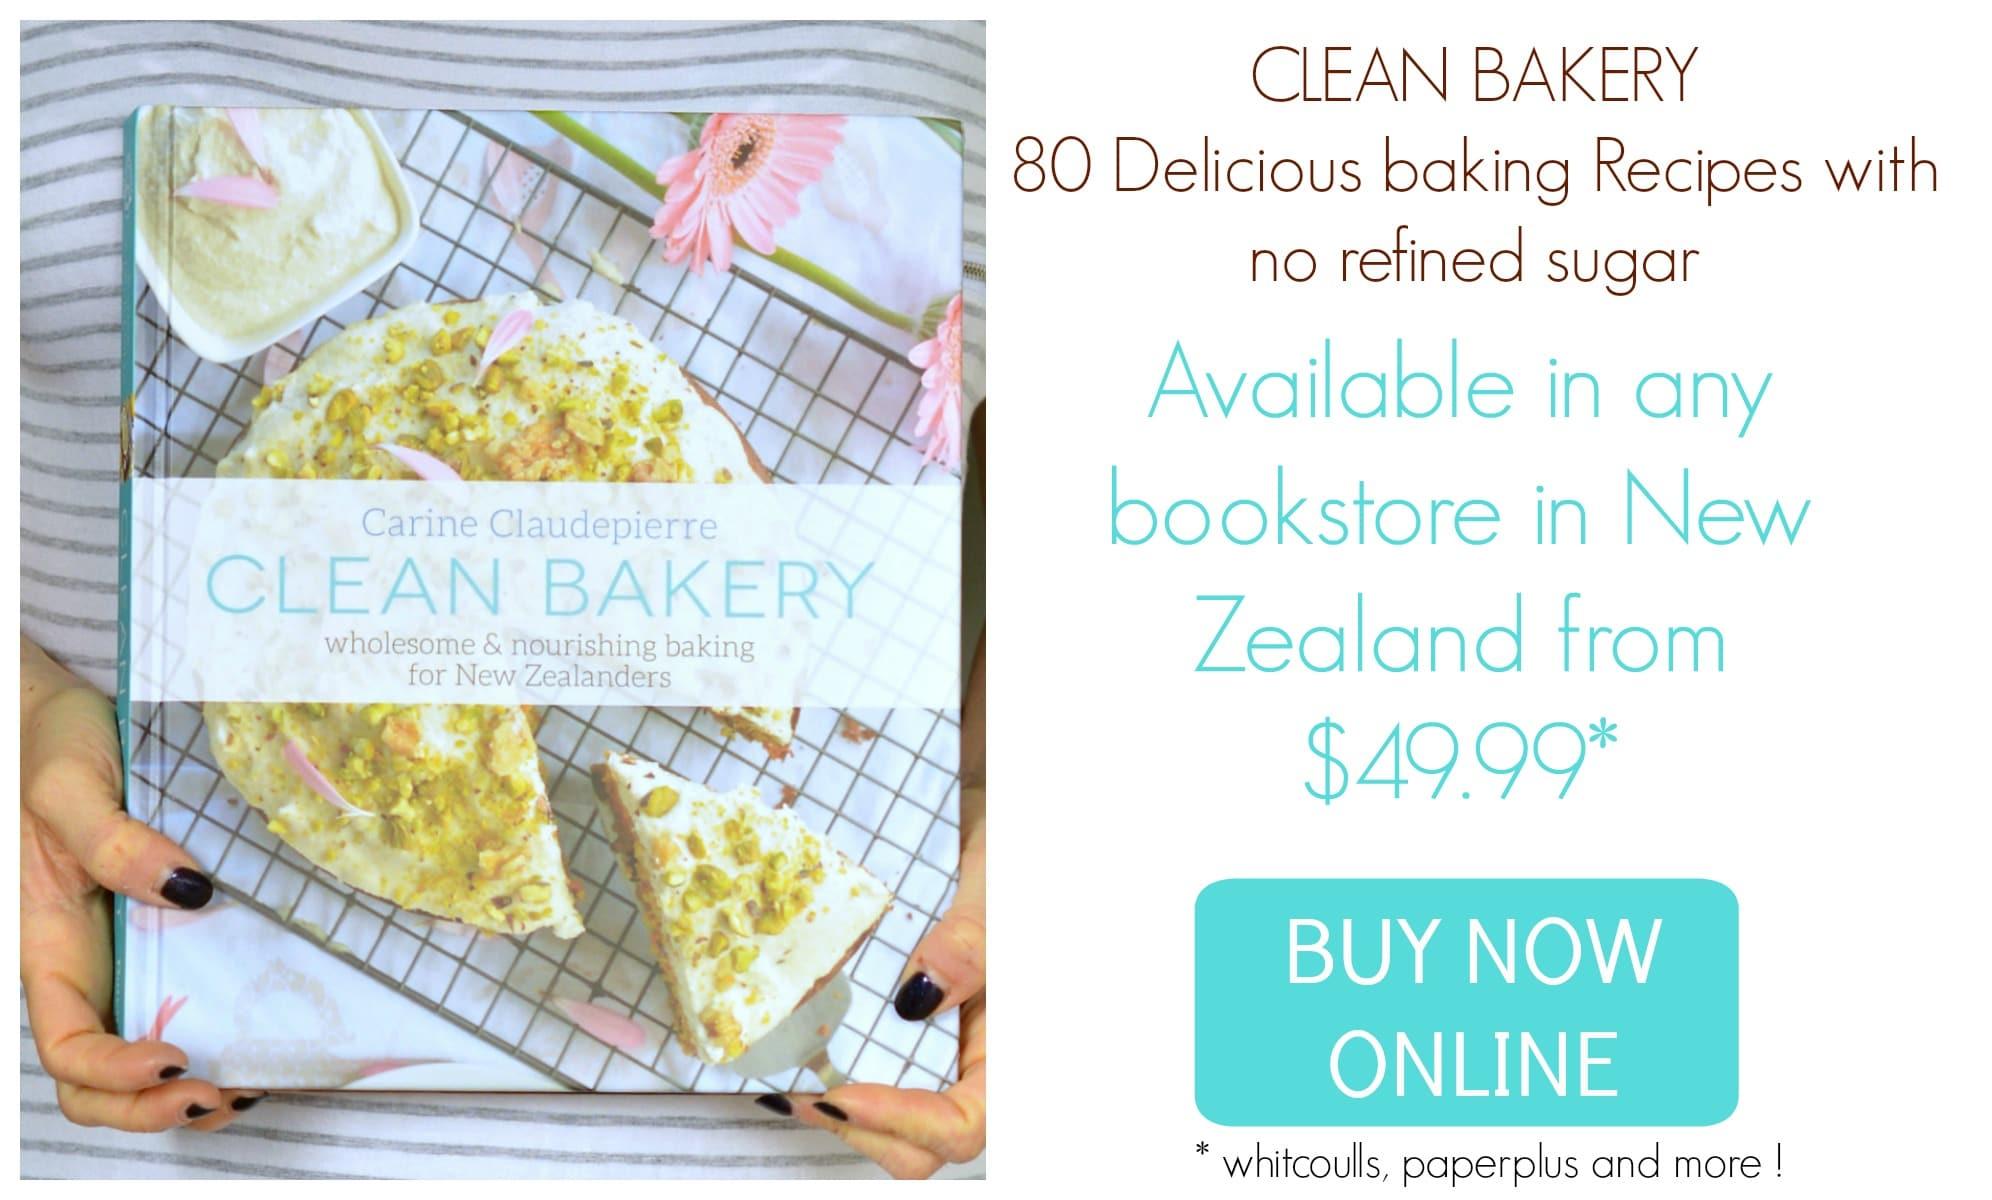 Clean Bakery Carine Claudepierre